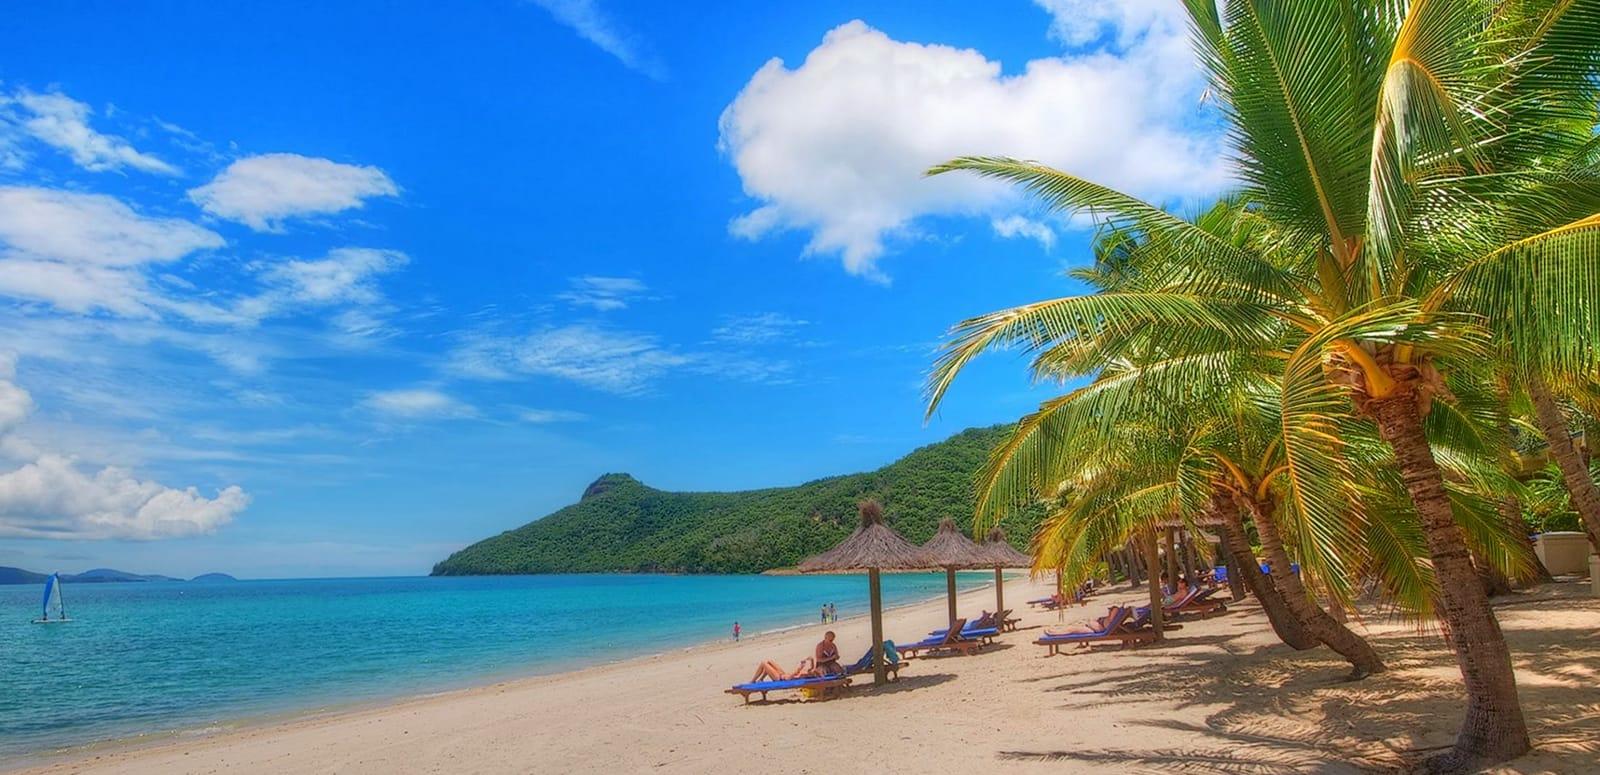 1497956968_ilha_tropical_de_ceu_azul_e_nuvens_brancas_1fb2e5fe1c90508abd723a594d48cf49_praia_20tropical_20(5).jpg